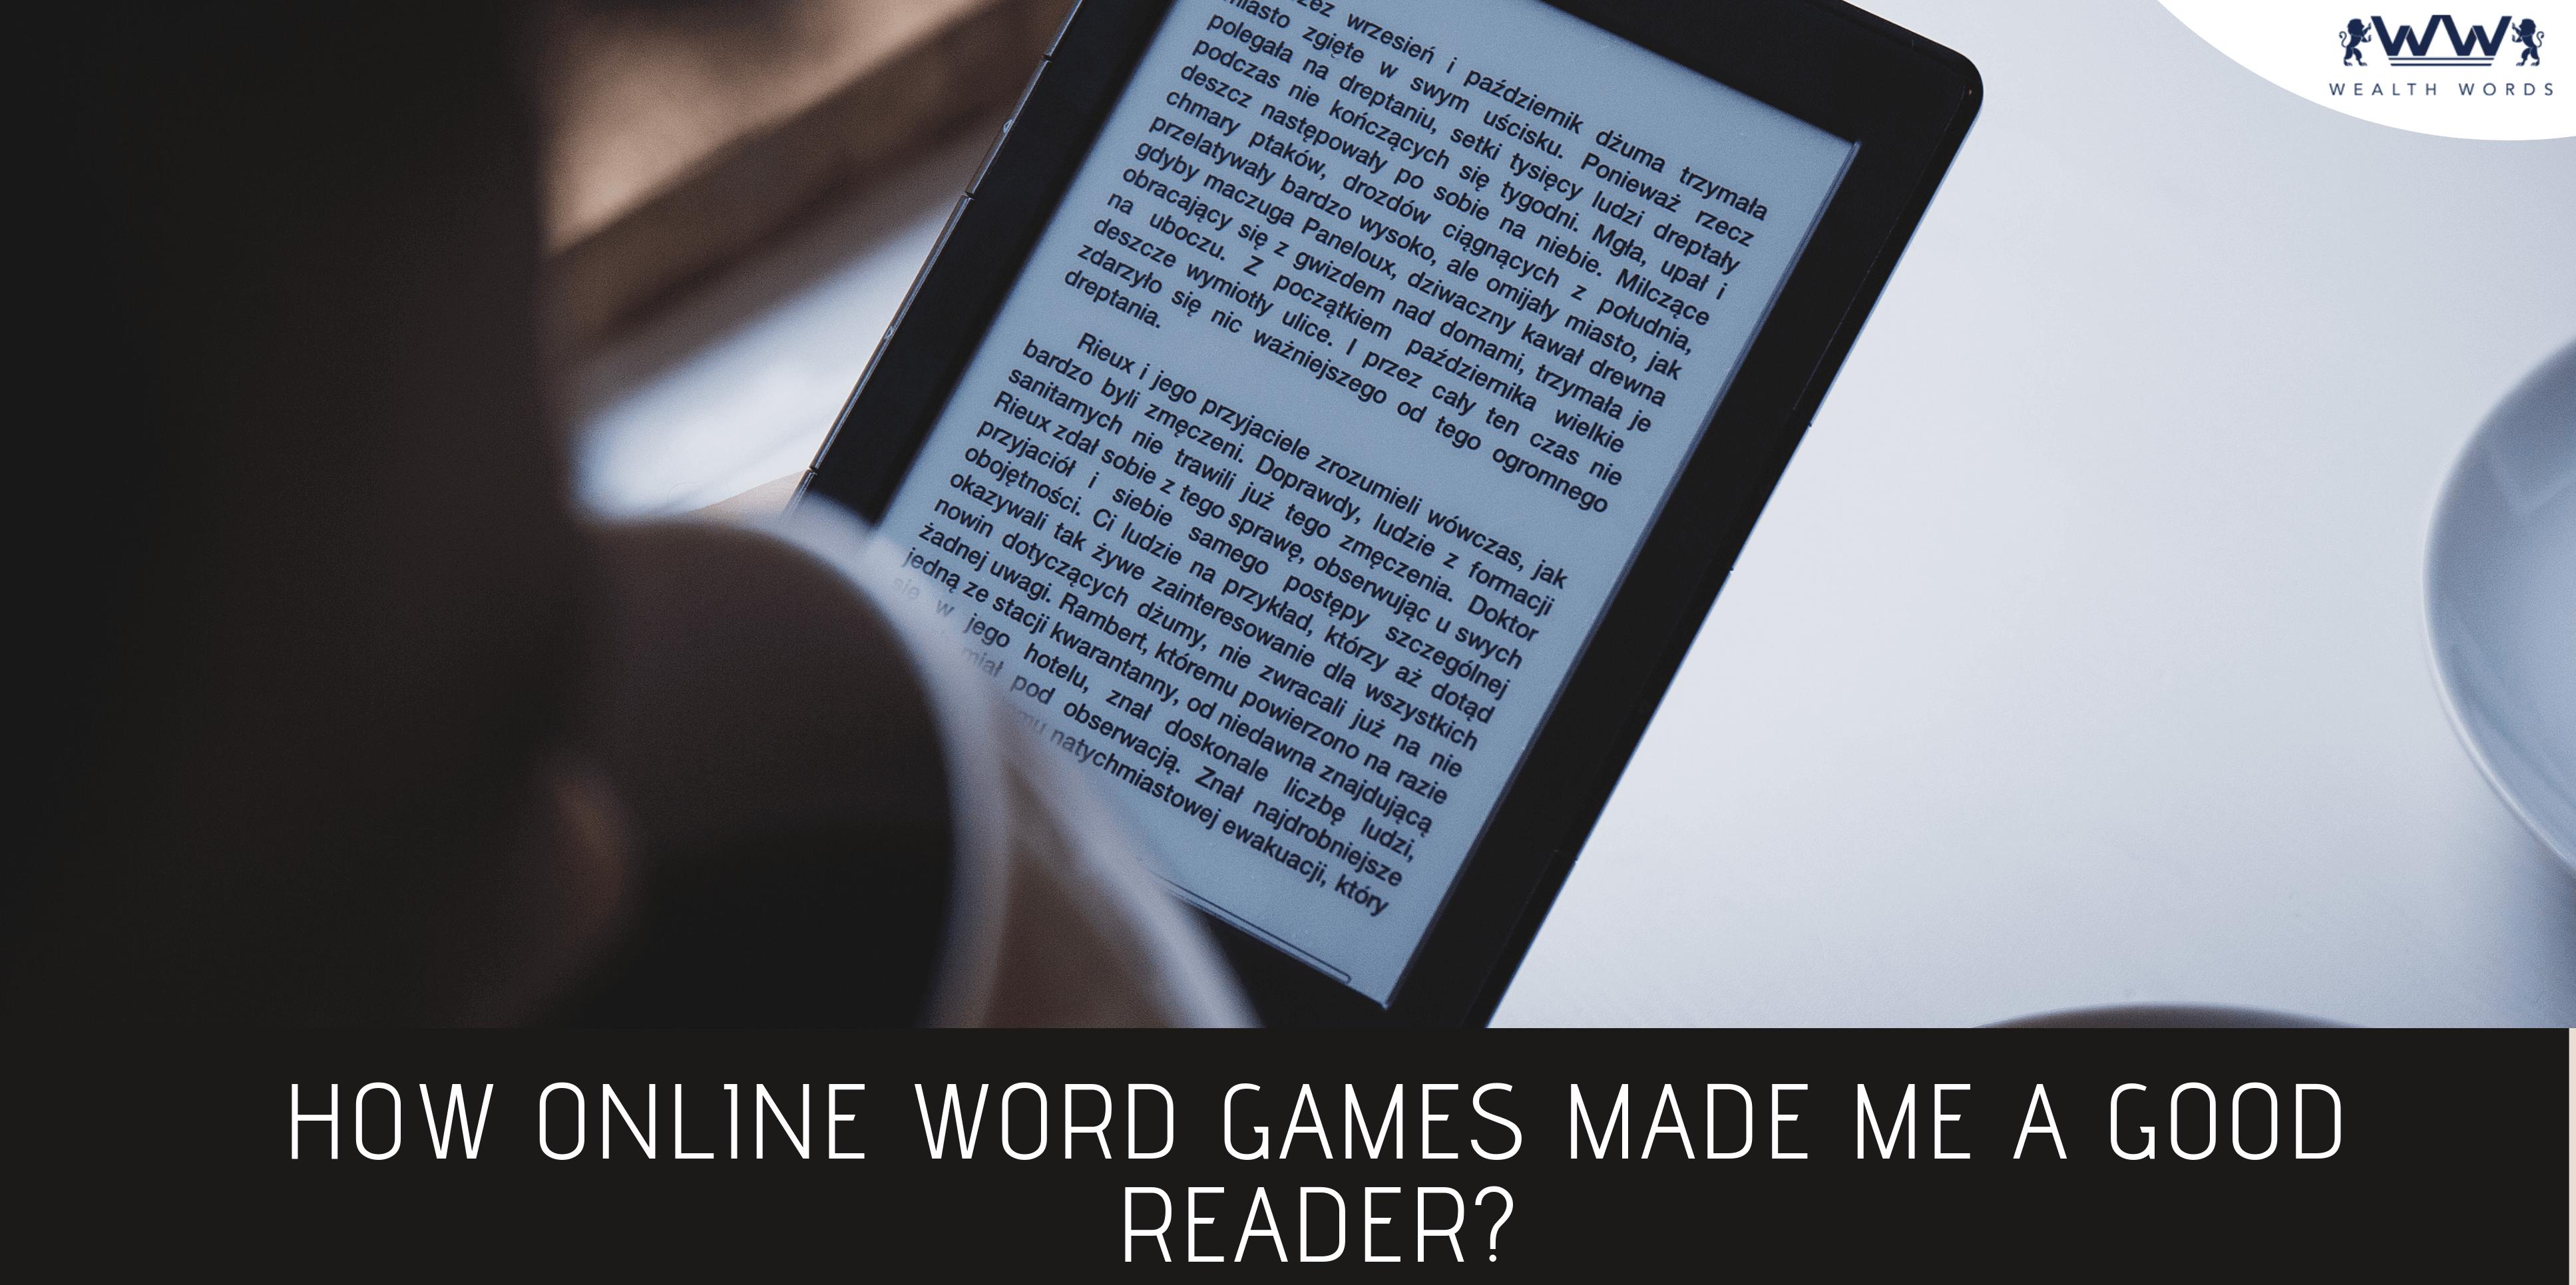 online crossword, crosswords, crossword puzzles, online crossword puzzles